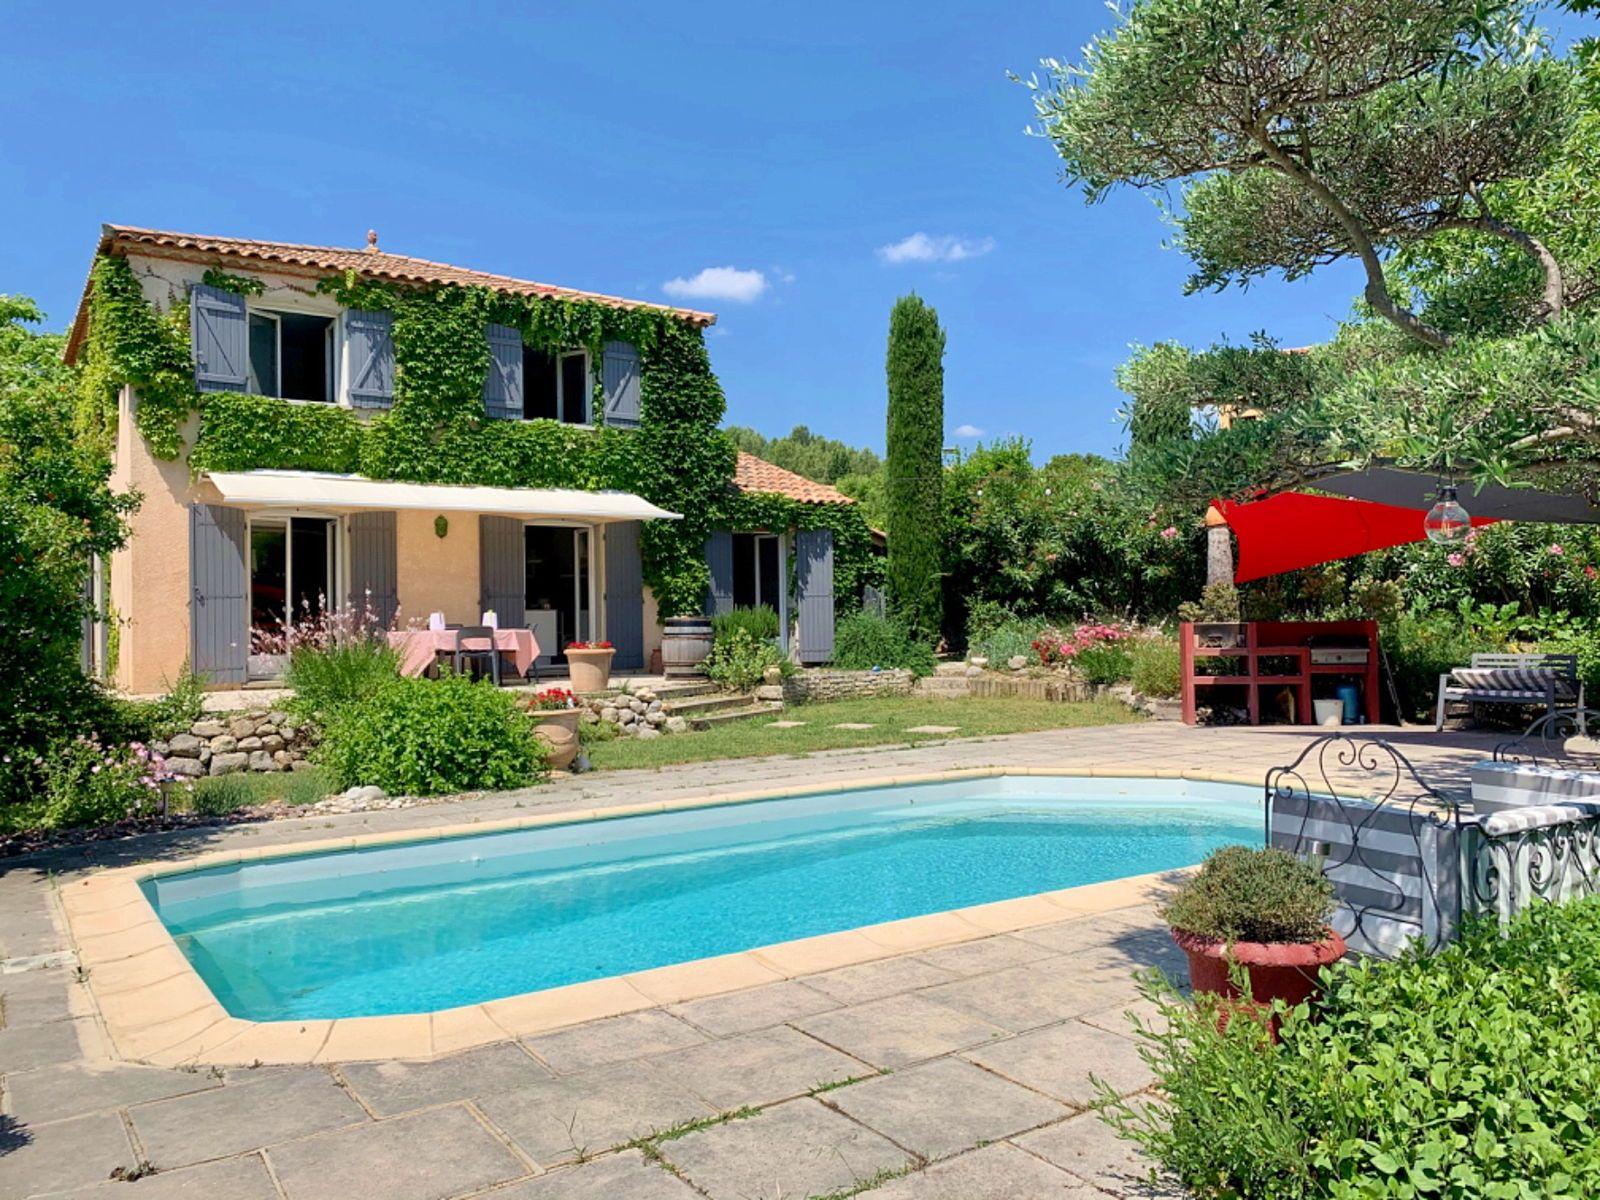 Loue maison proche Montpellier 6couchages